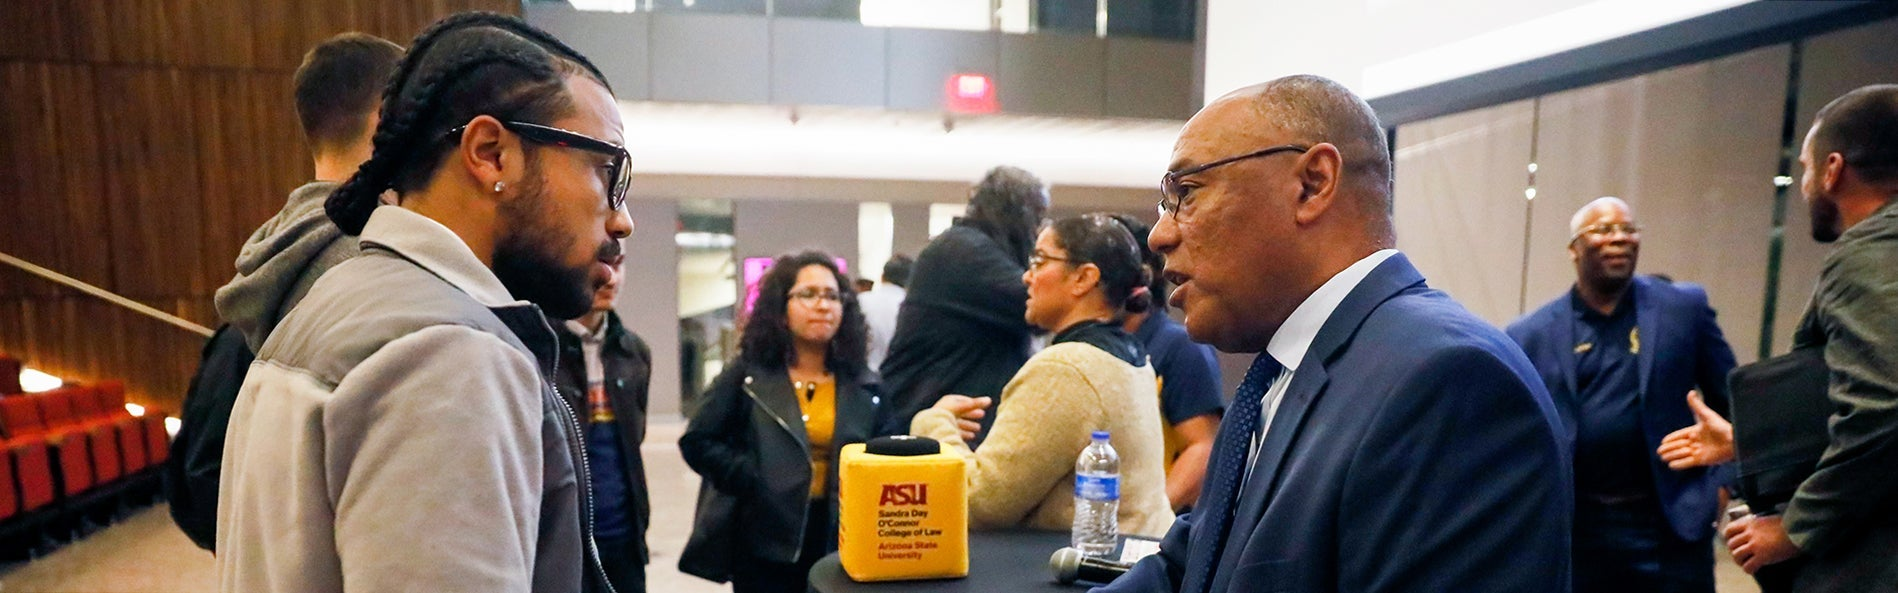 Diversity and Social Justice at ASU Law